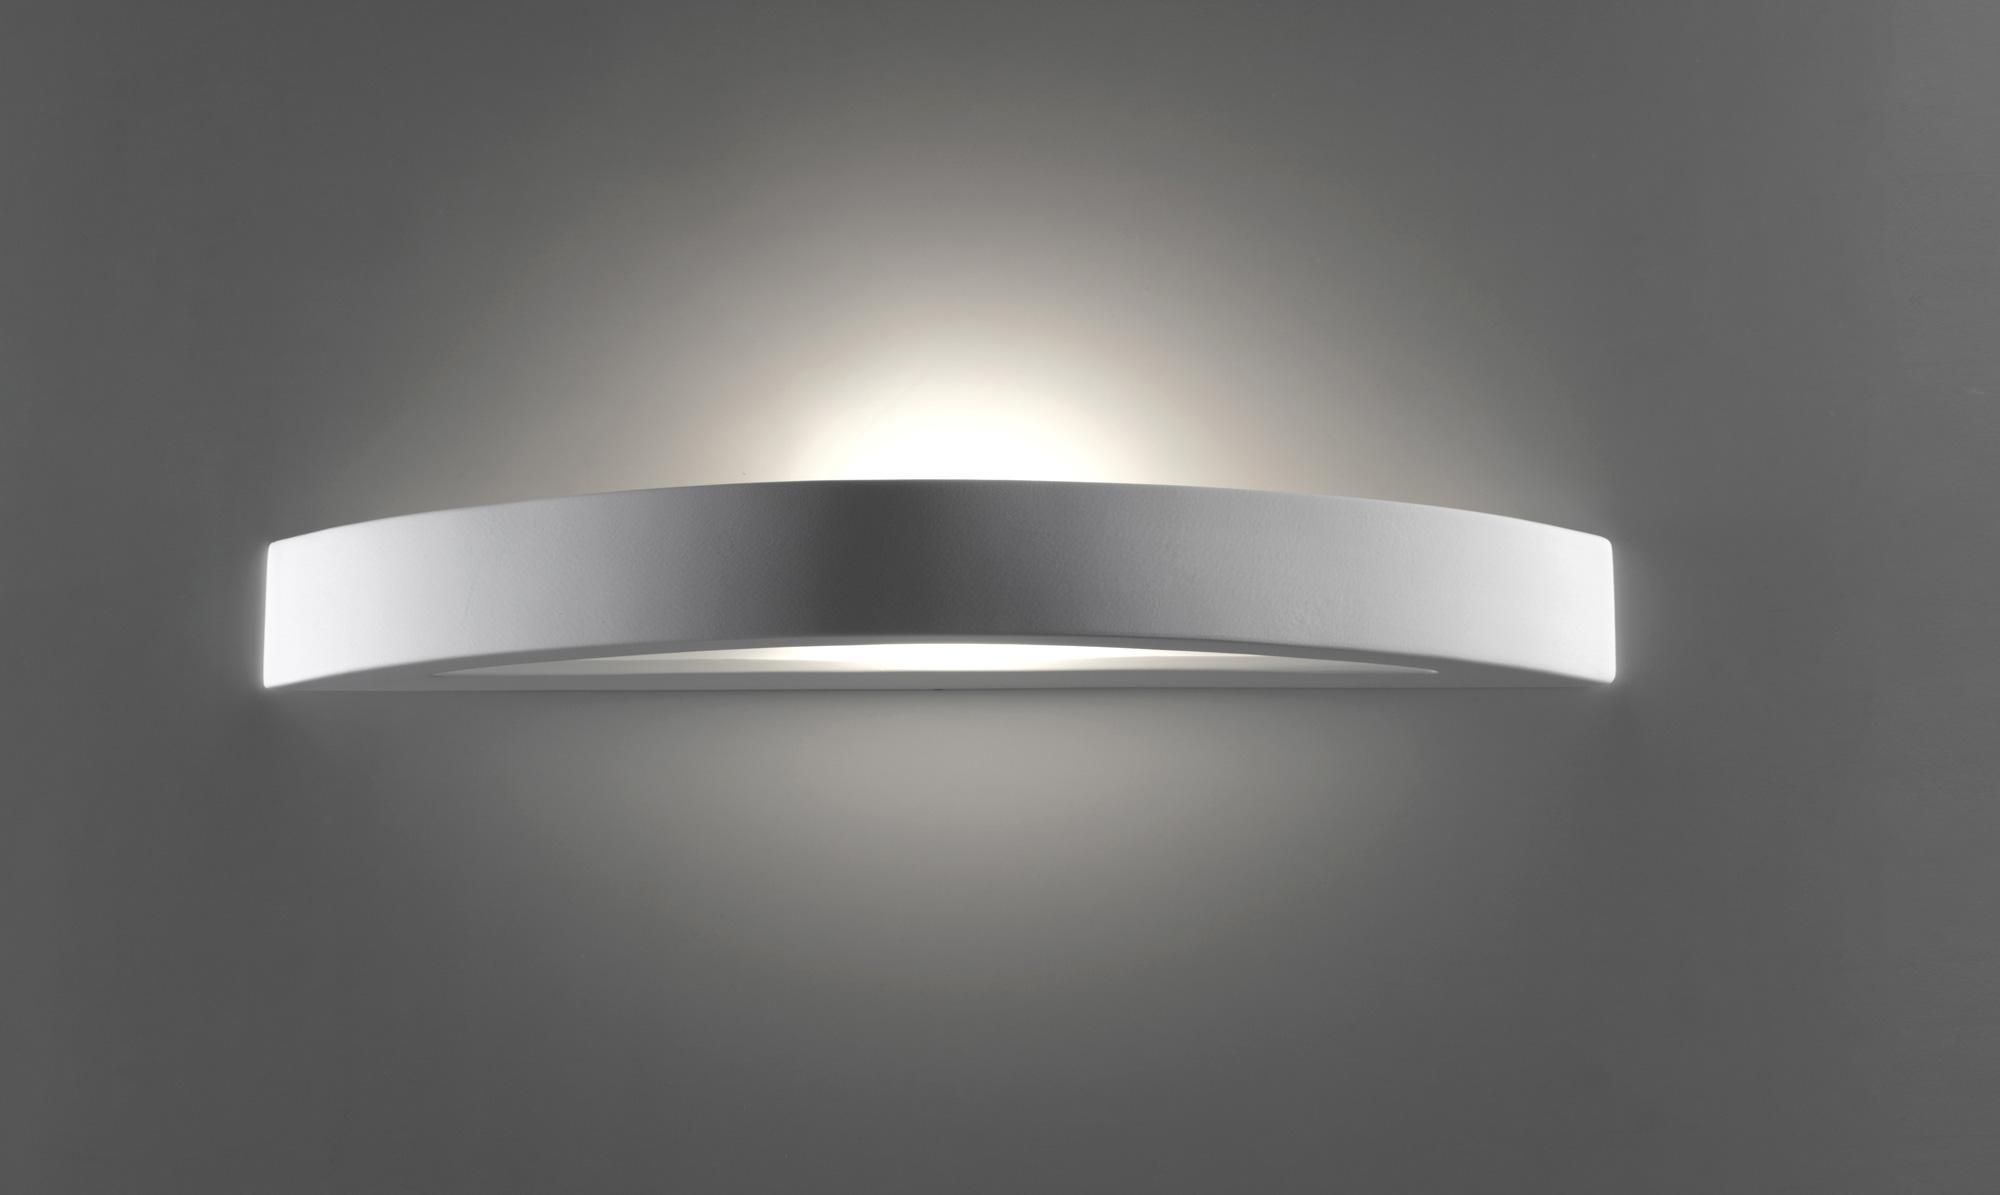 Leuchte aus gips 8759 von belfiore for Lampade ikea da parete